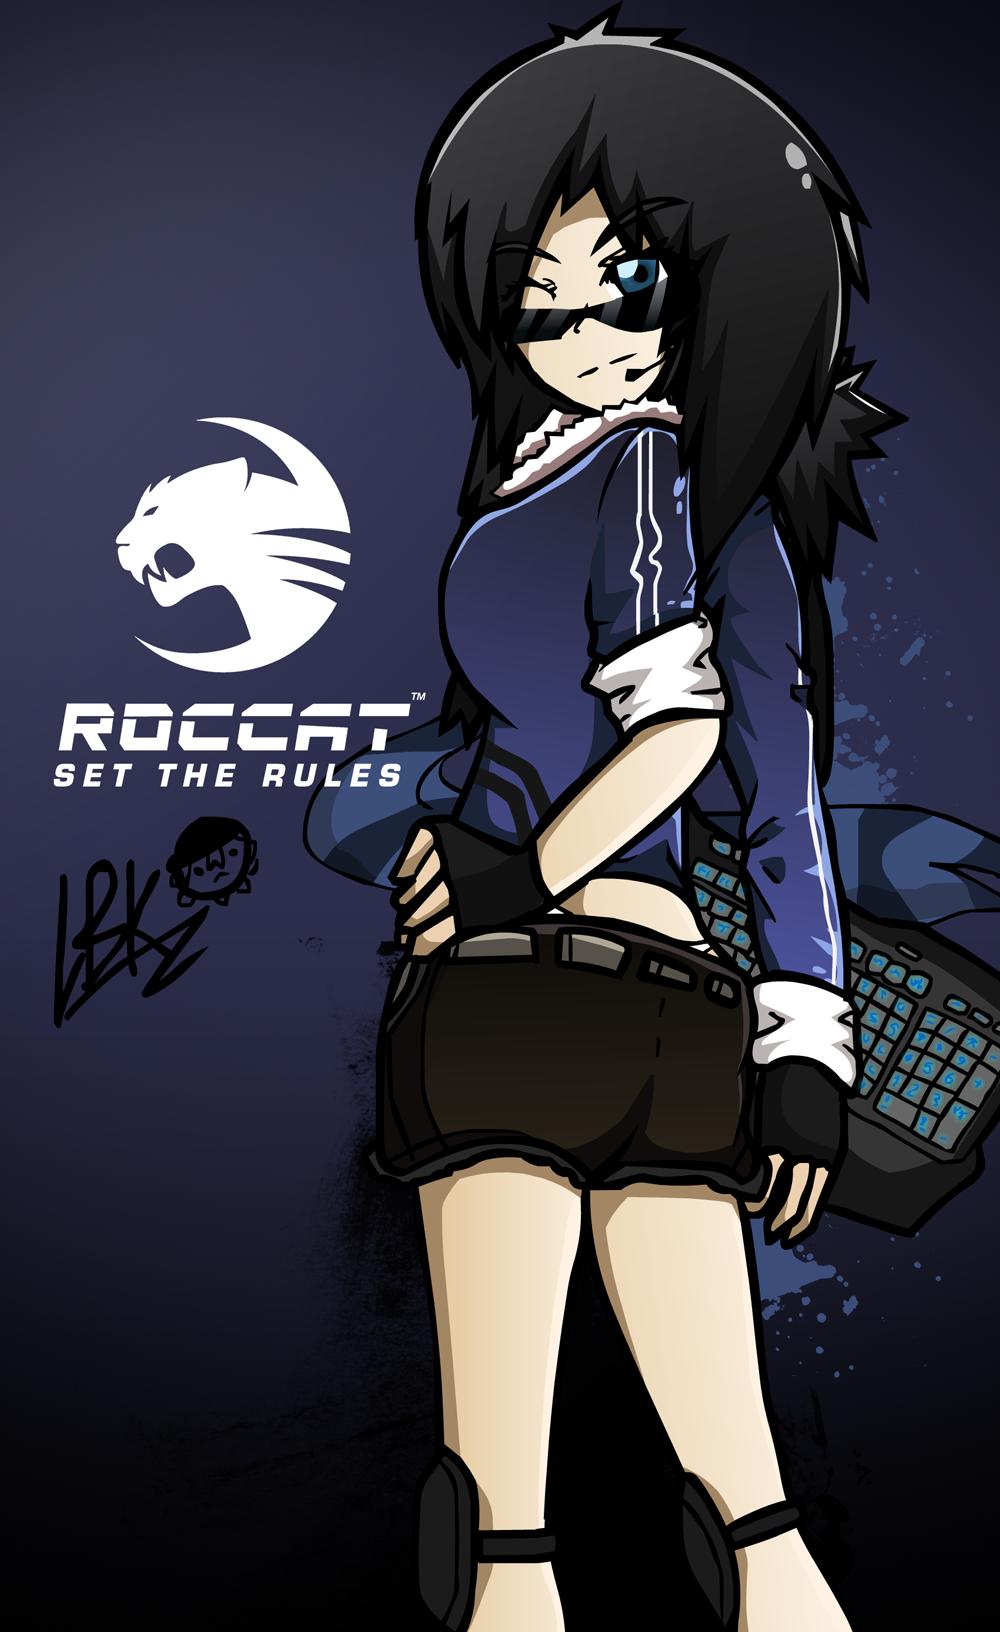 Roccat Gear